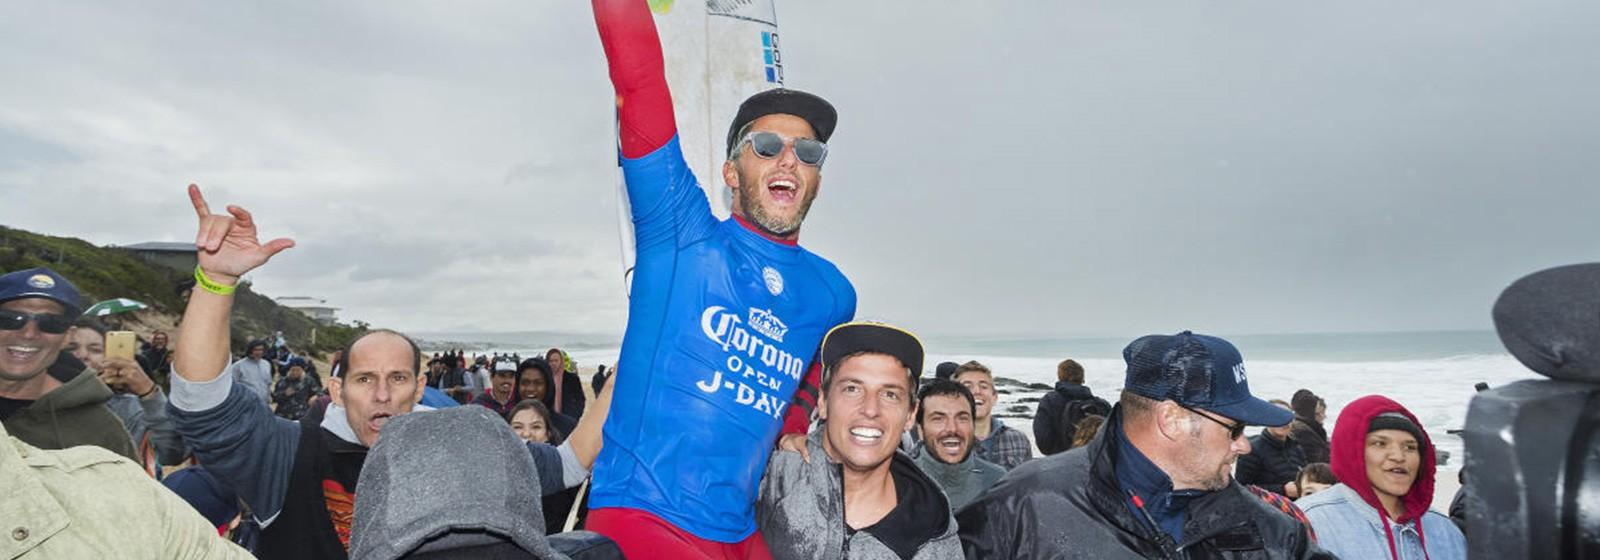 Circuito Mundial de Surfe